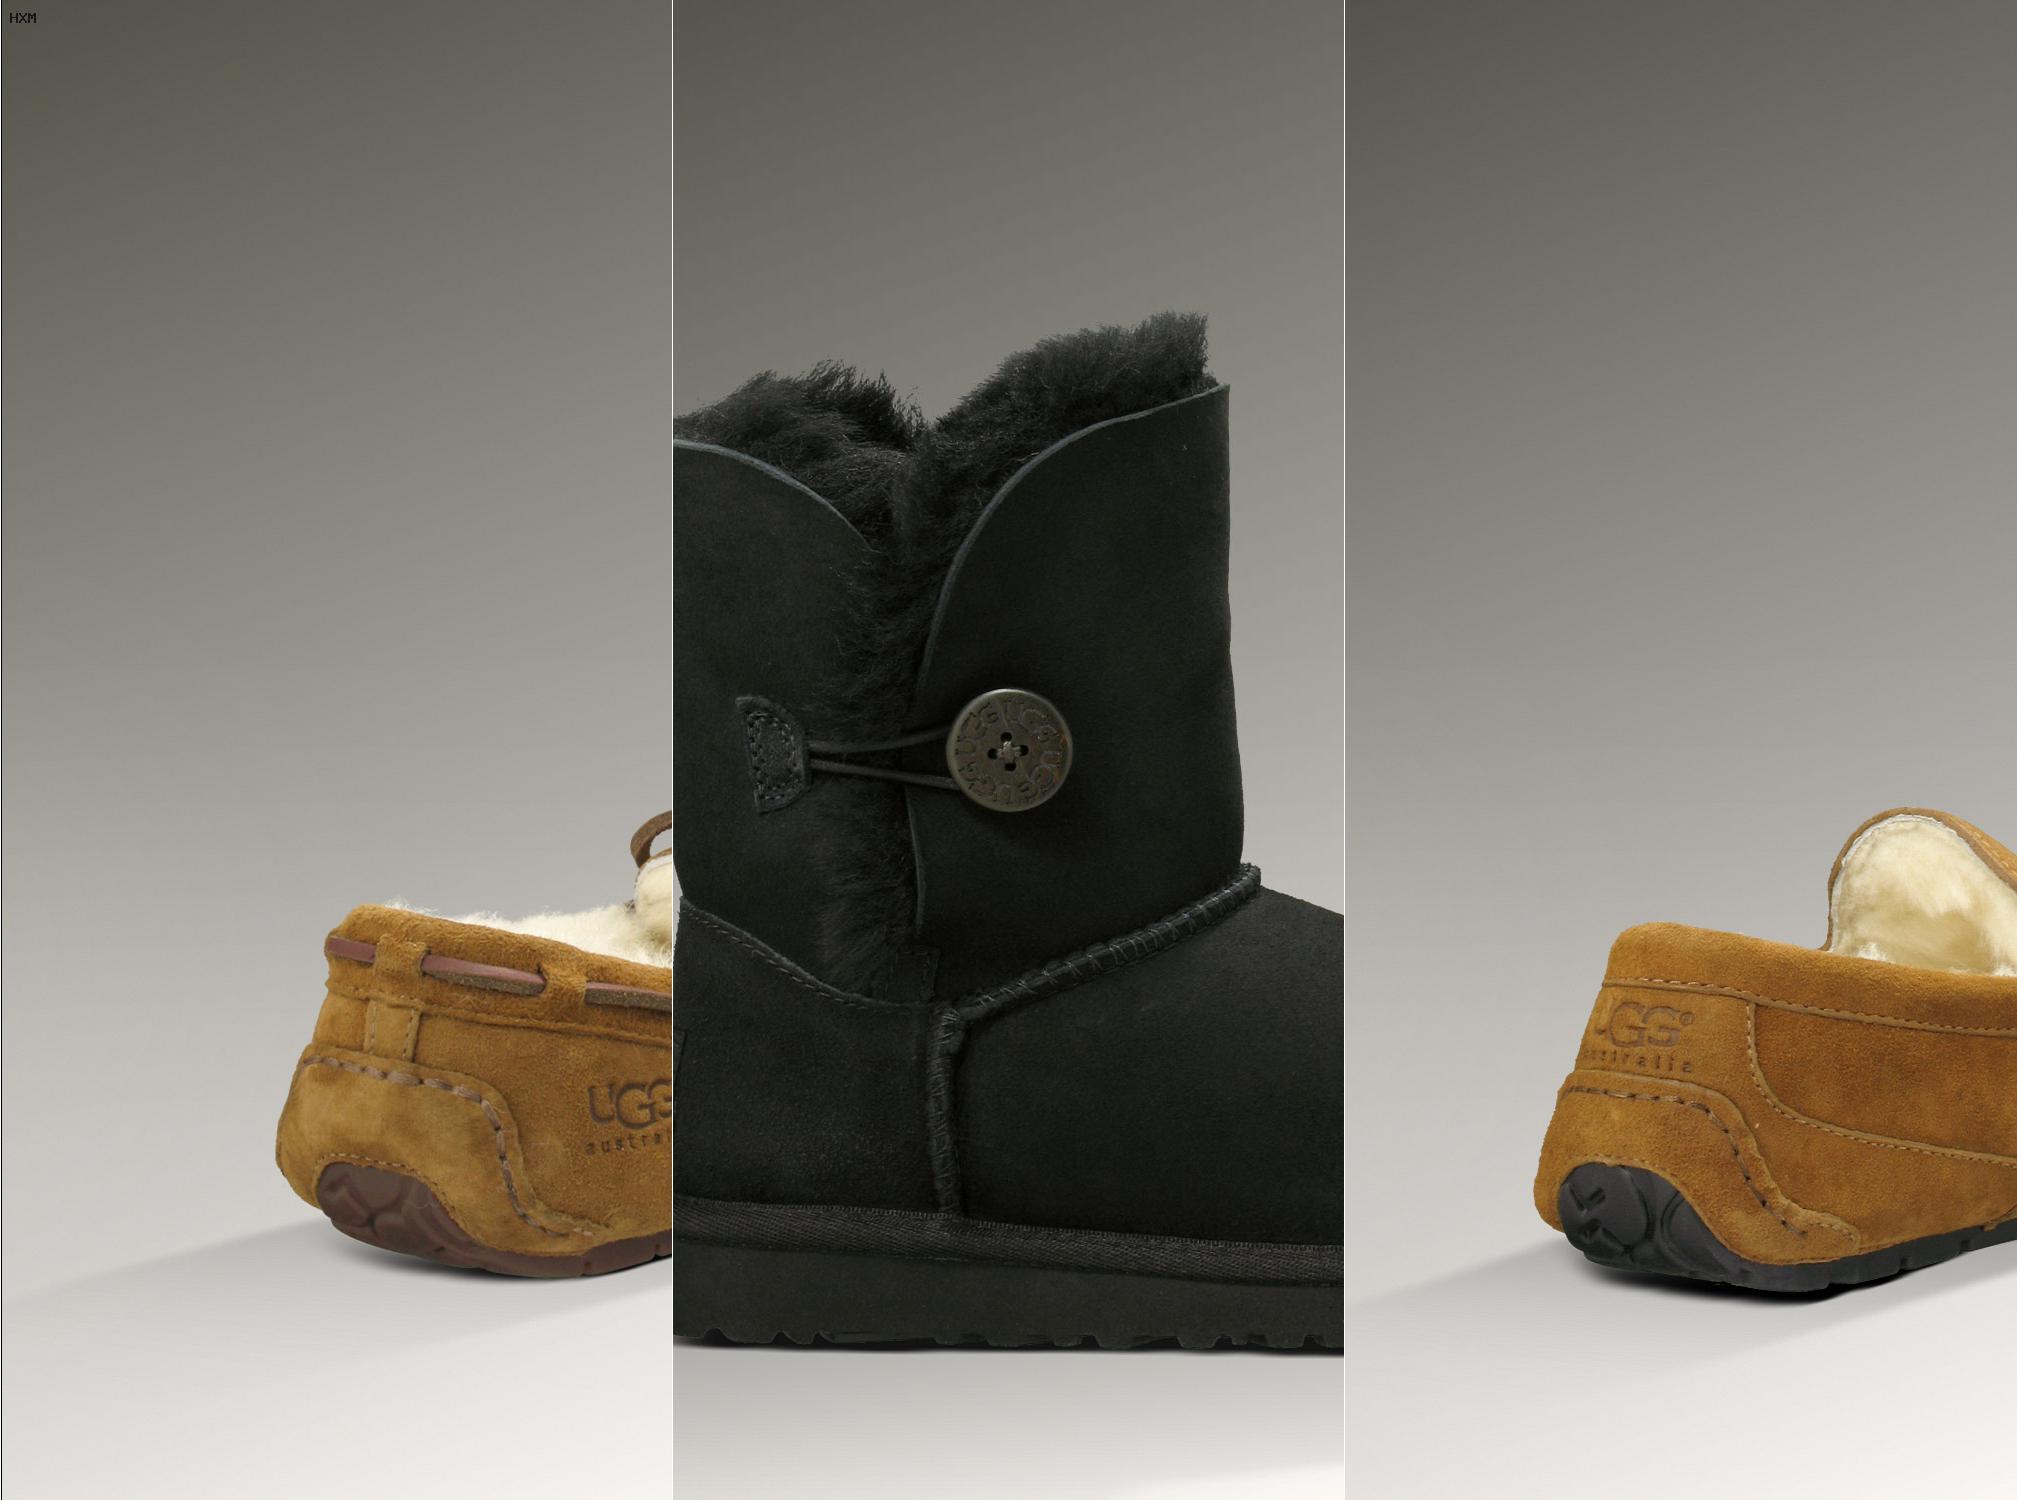 outlet calzado ugg